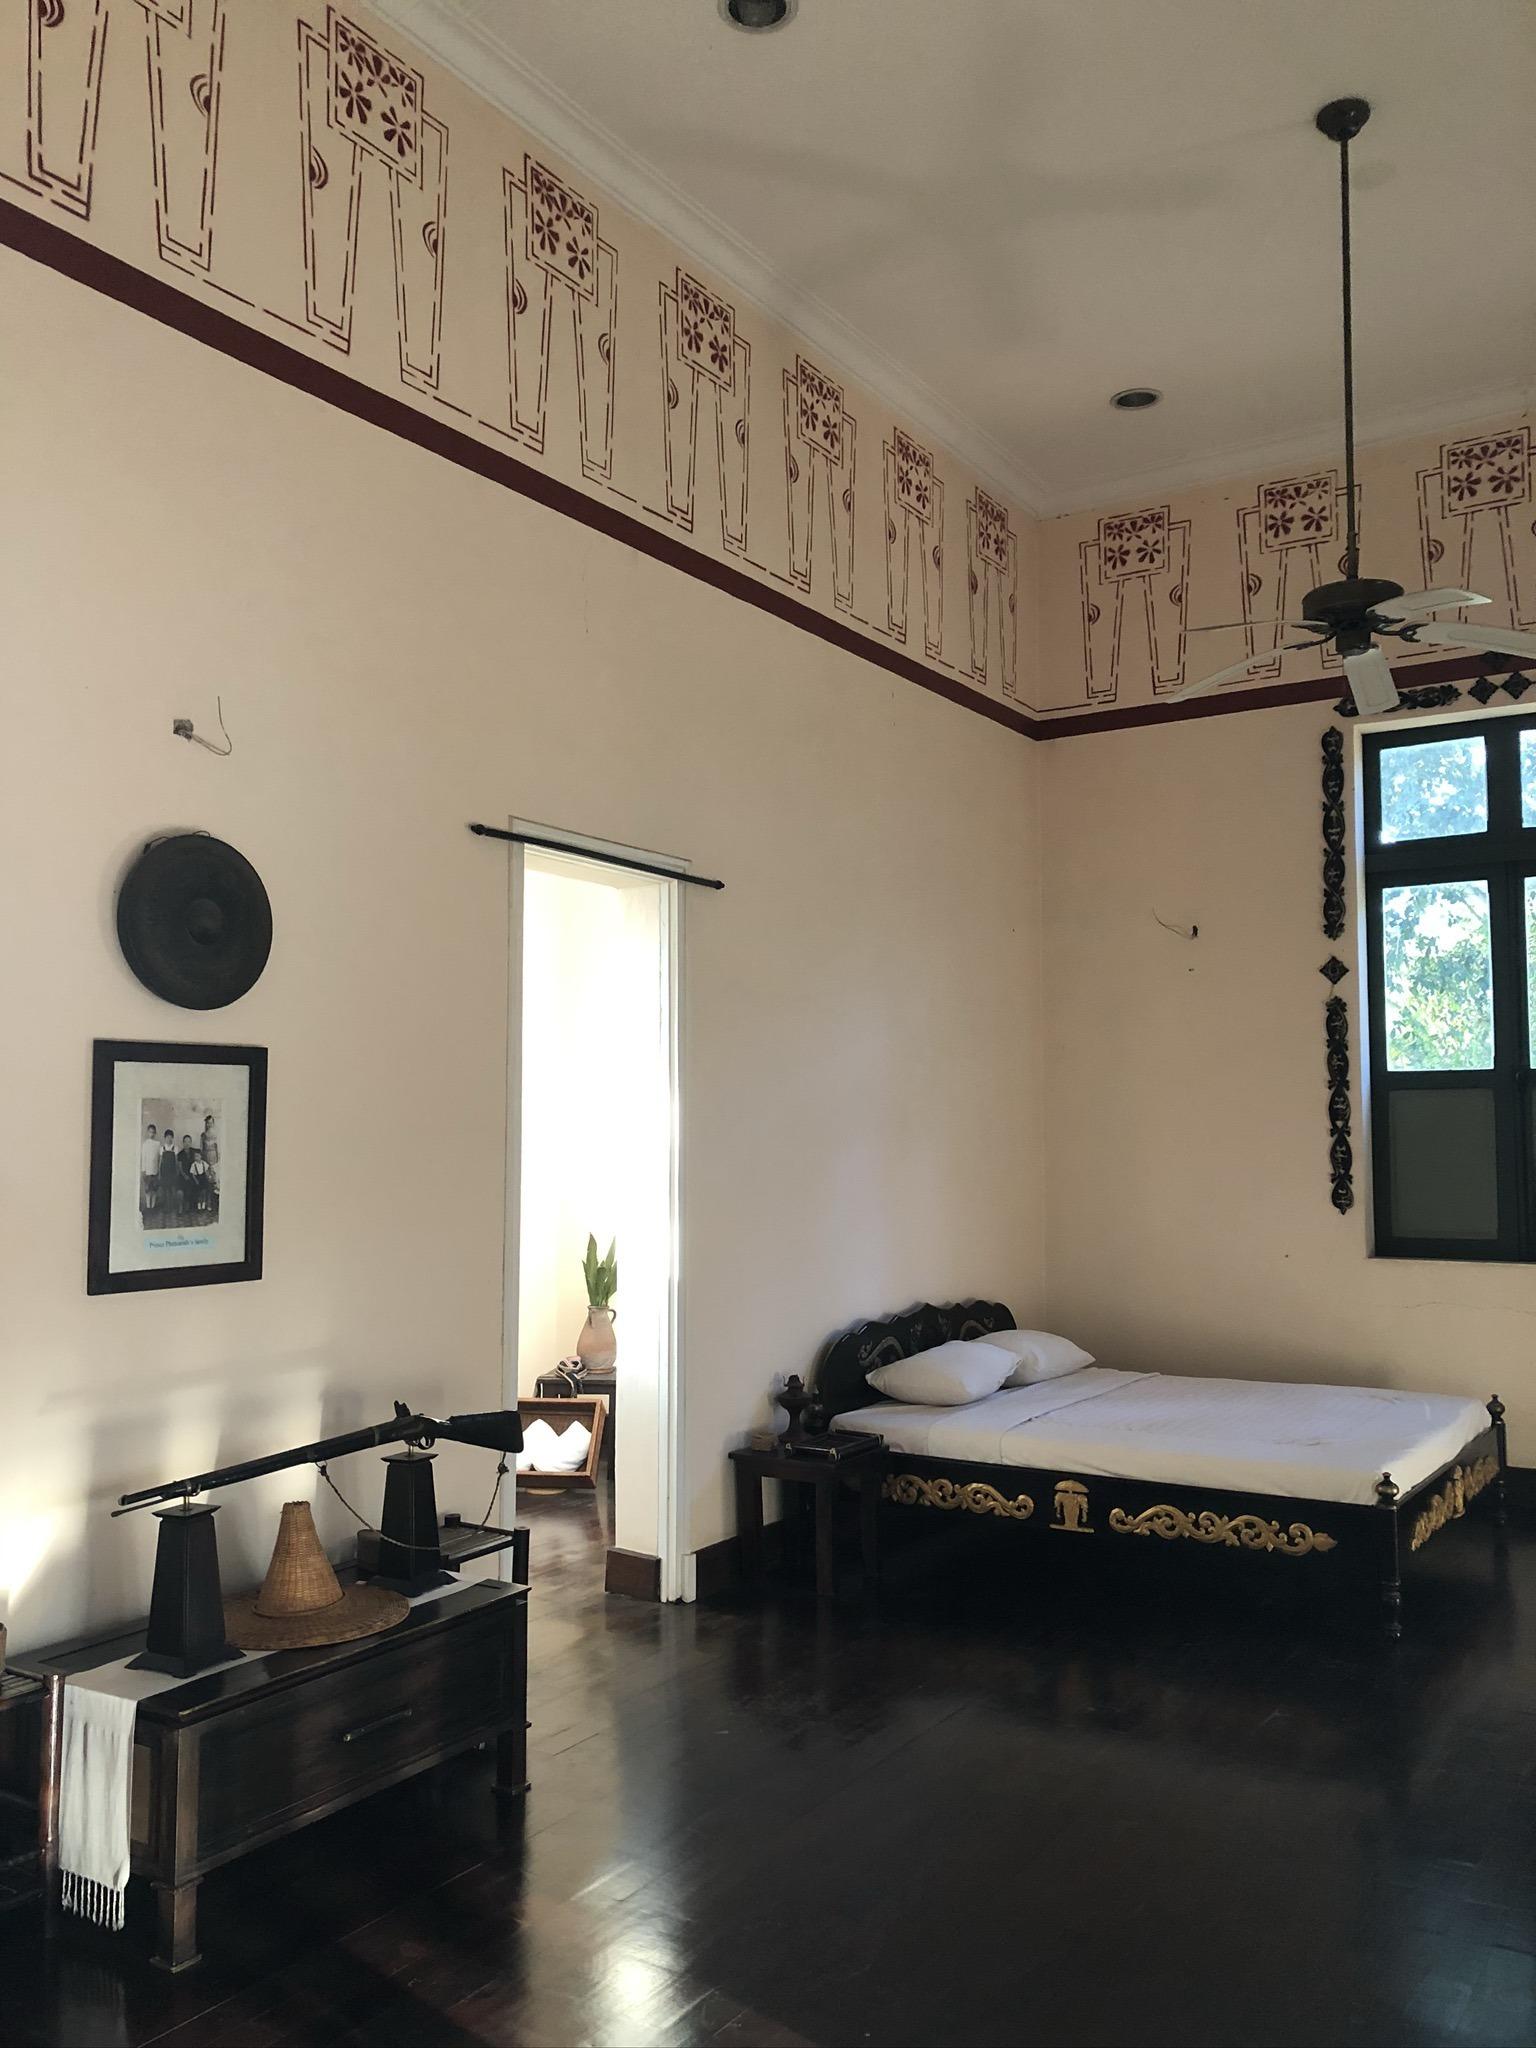 ラオスの旅 25  ルアンパバーンのホテル The Grand Luang Prabang_a0092659_19595598.jpg